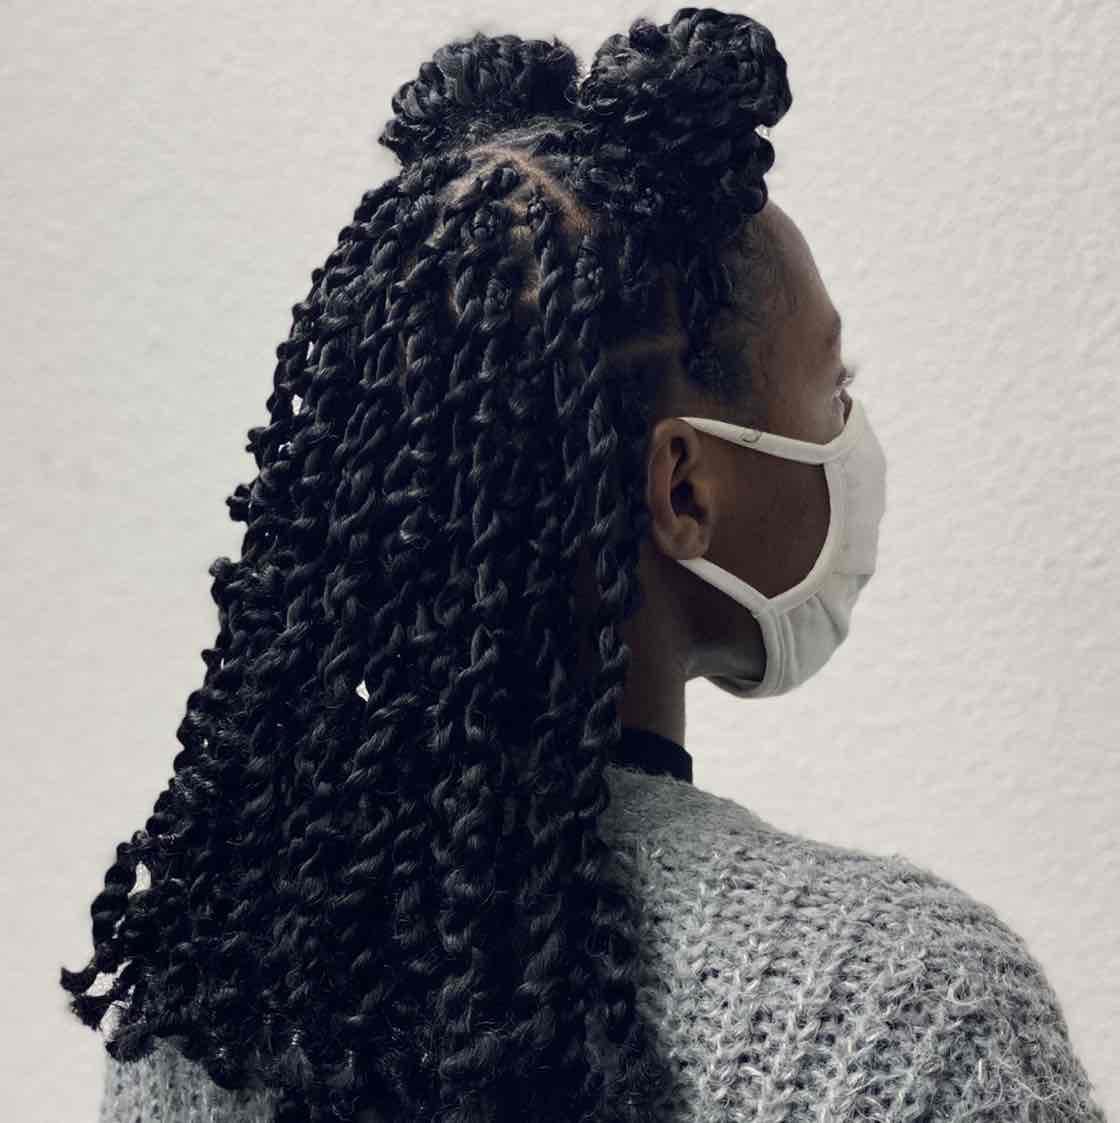 salon de coiffure afro tresse tresses box braids crochet braids vanilles tissages paris 75 77 78 91 92 93 94 95 HEVXLVHN